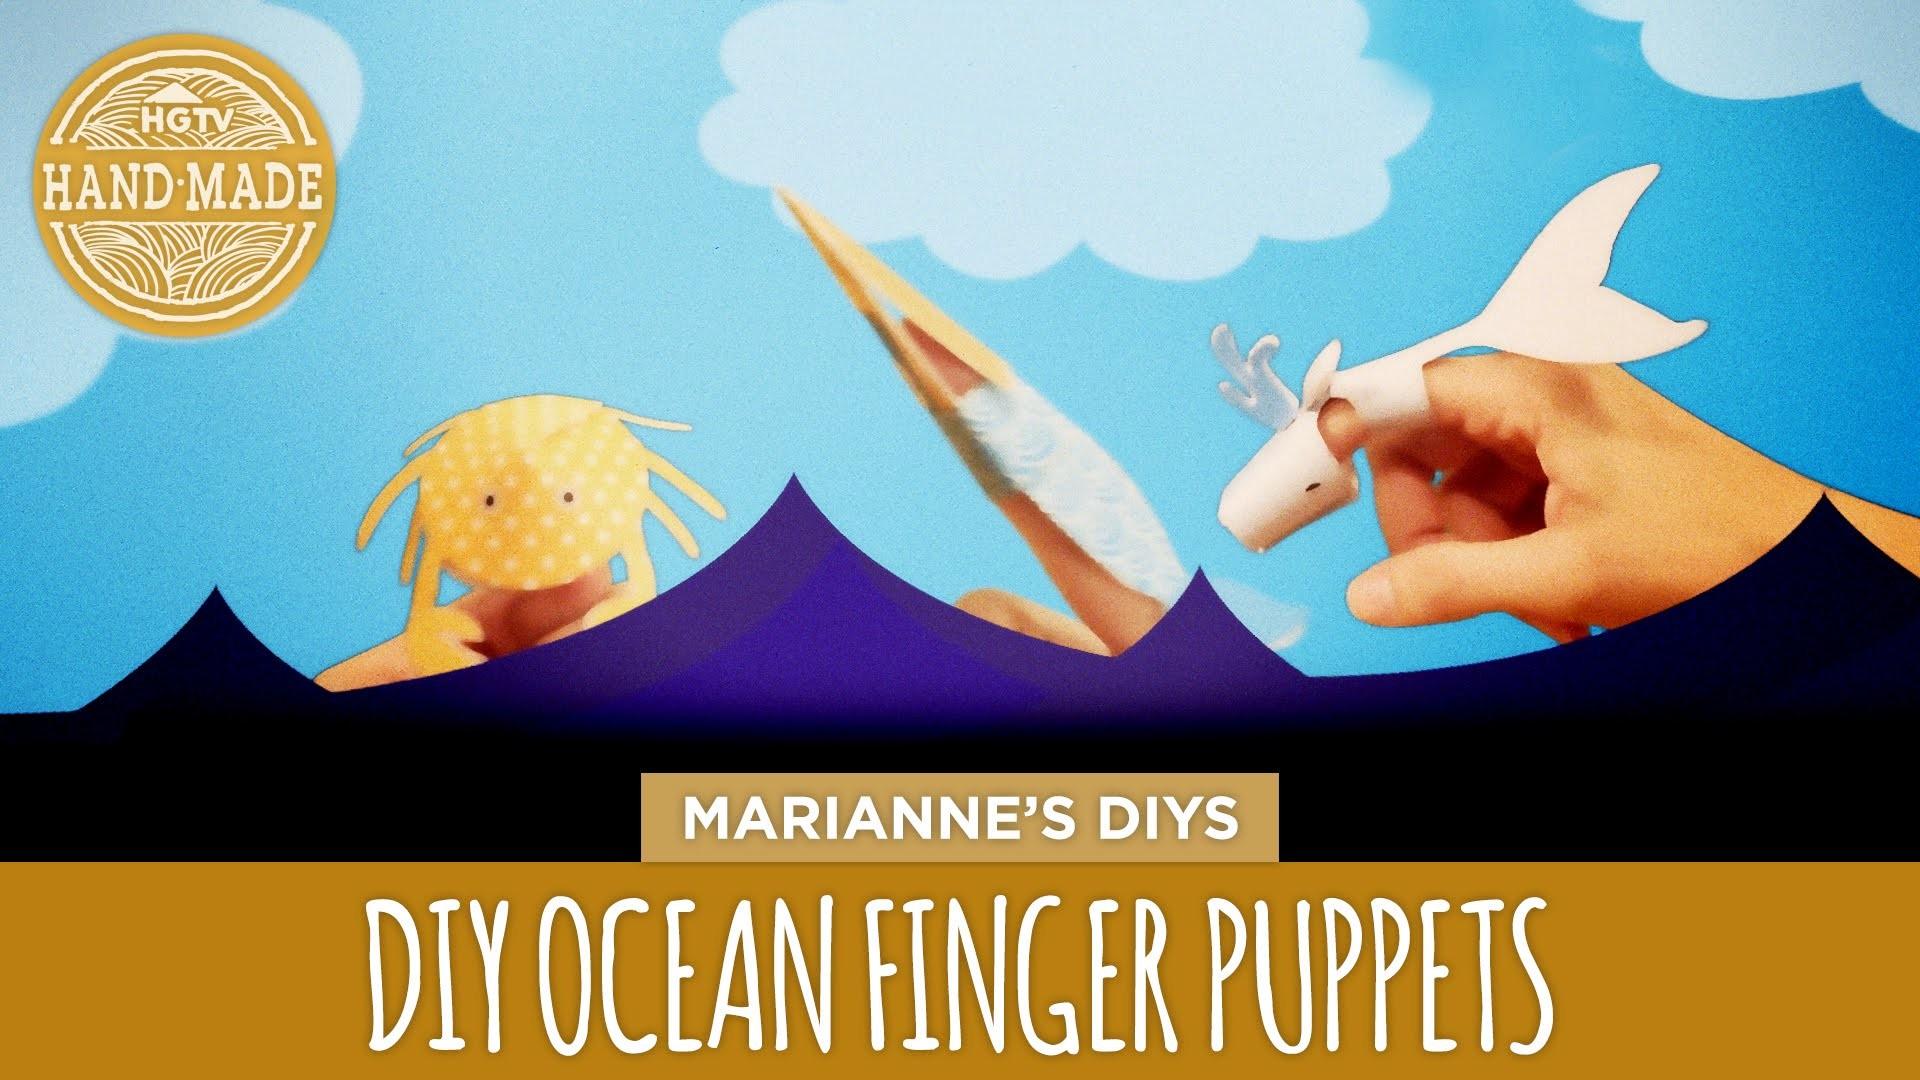 DIY Ocean Finger Puppets - HGTV Handmade